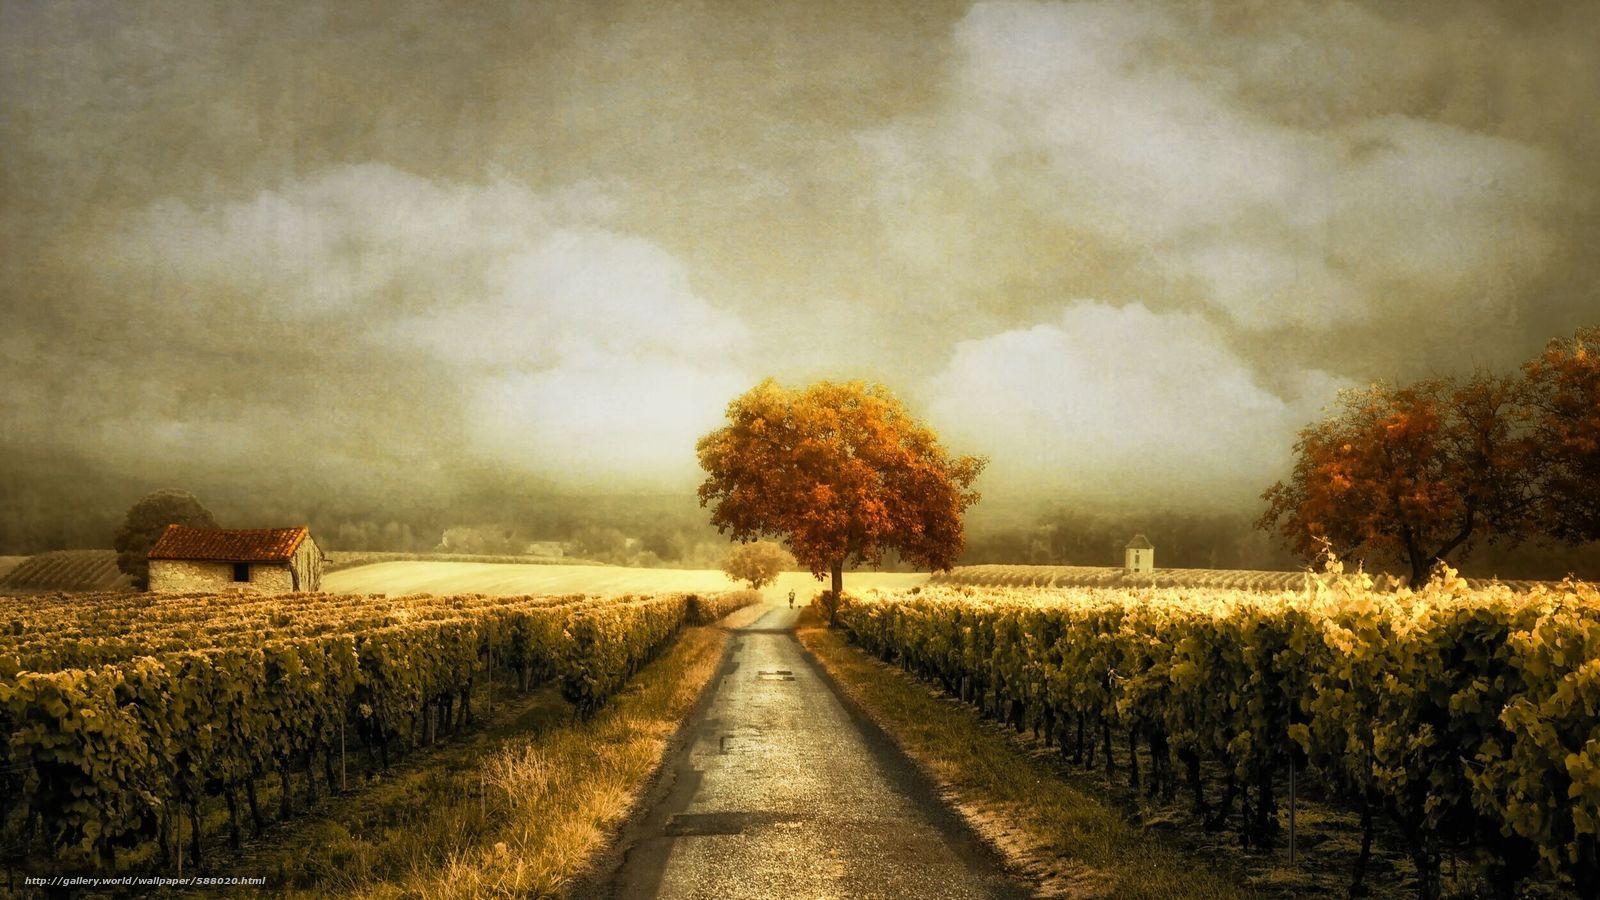 下载壁纸 道路,  葡萄园,  景观 免费为您的桌面分辨率的壁纸 2500x1406 — 图片 №588020